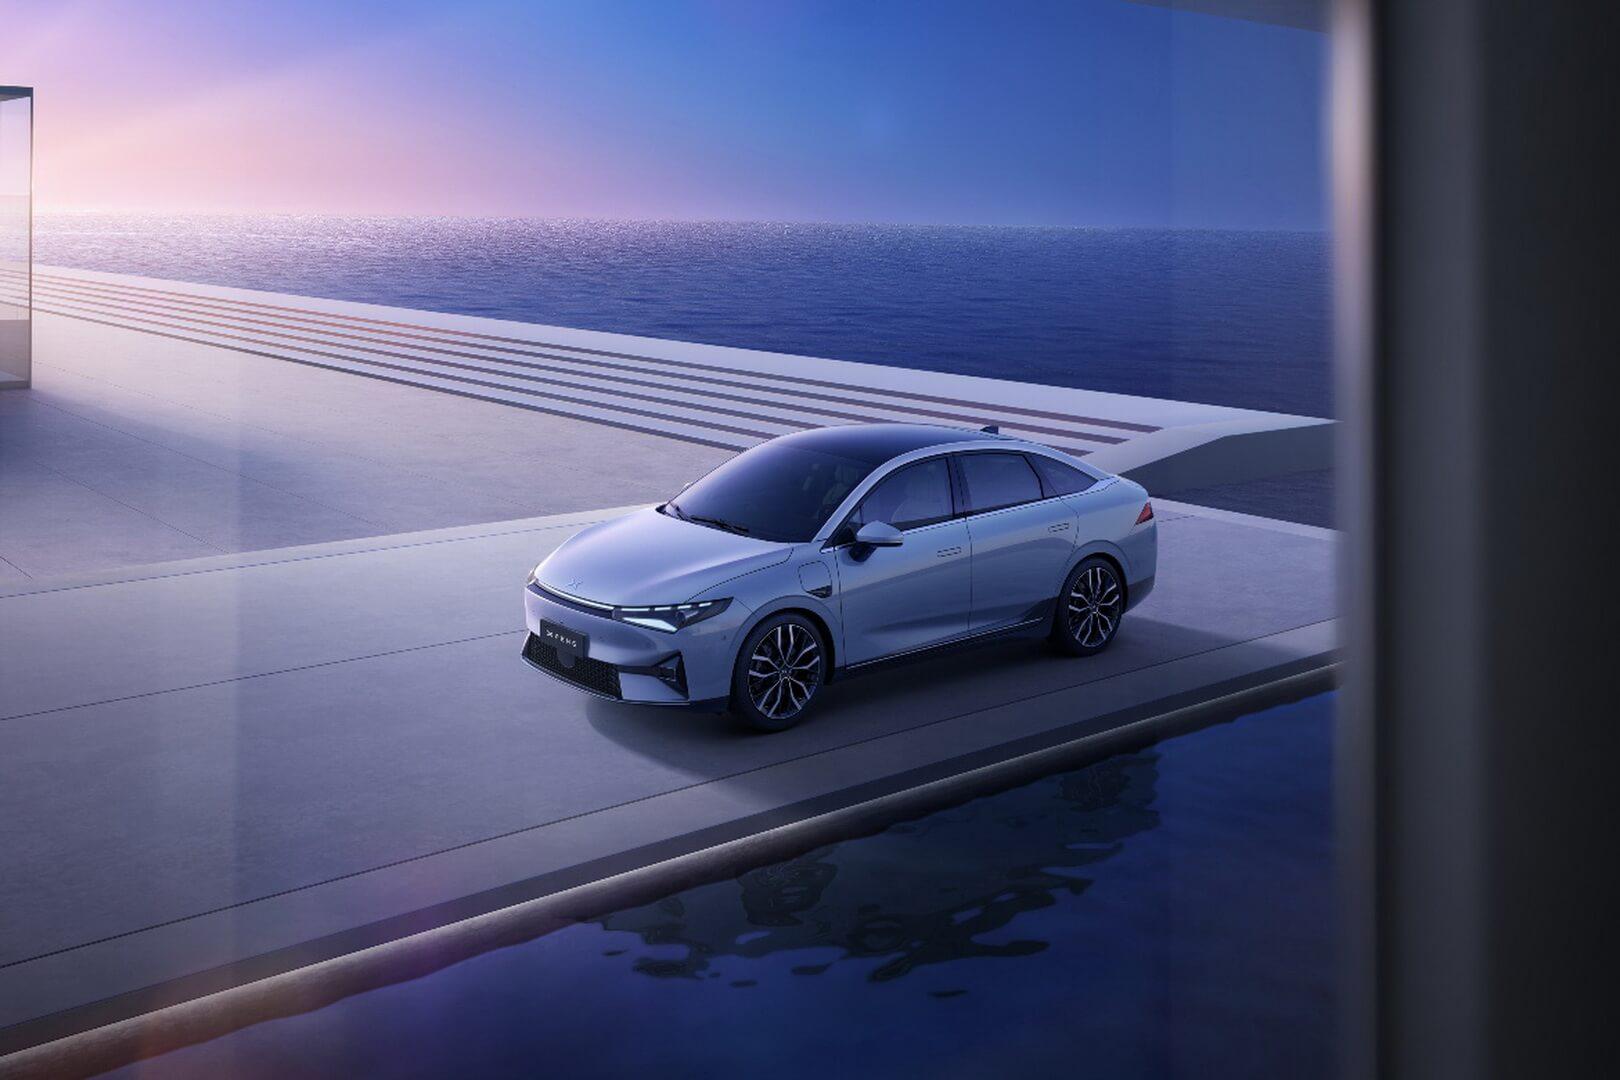 Новый электроседан XPeng P5 становится первым в мире серийным автомобилем, оснащенным технологией LiDAR, выводя конкуренцию в области автономного вождения на новый уровень